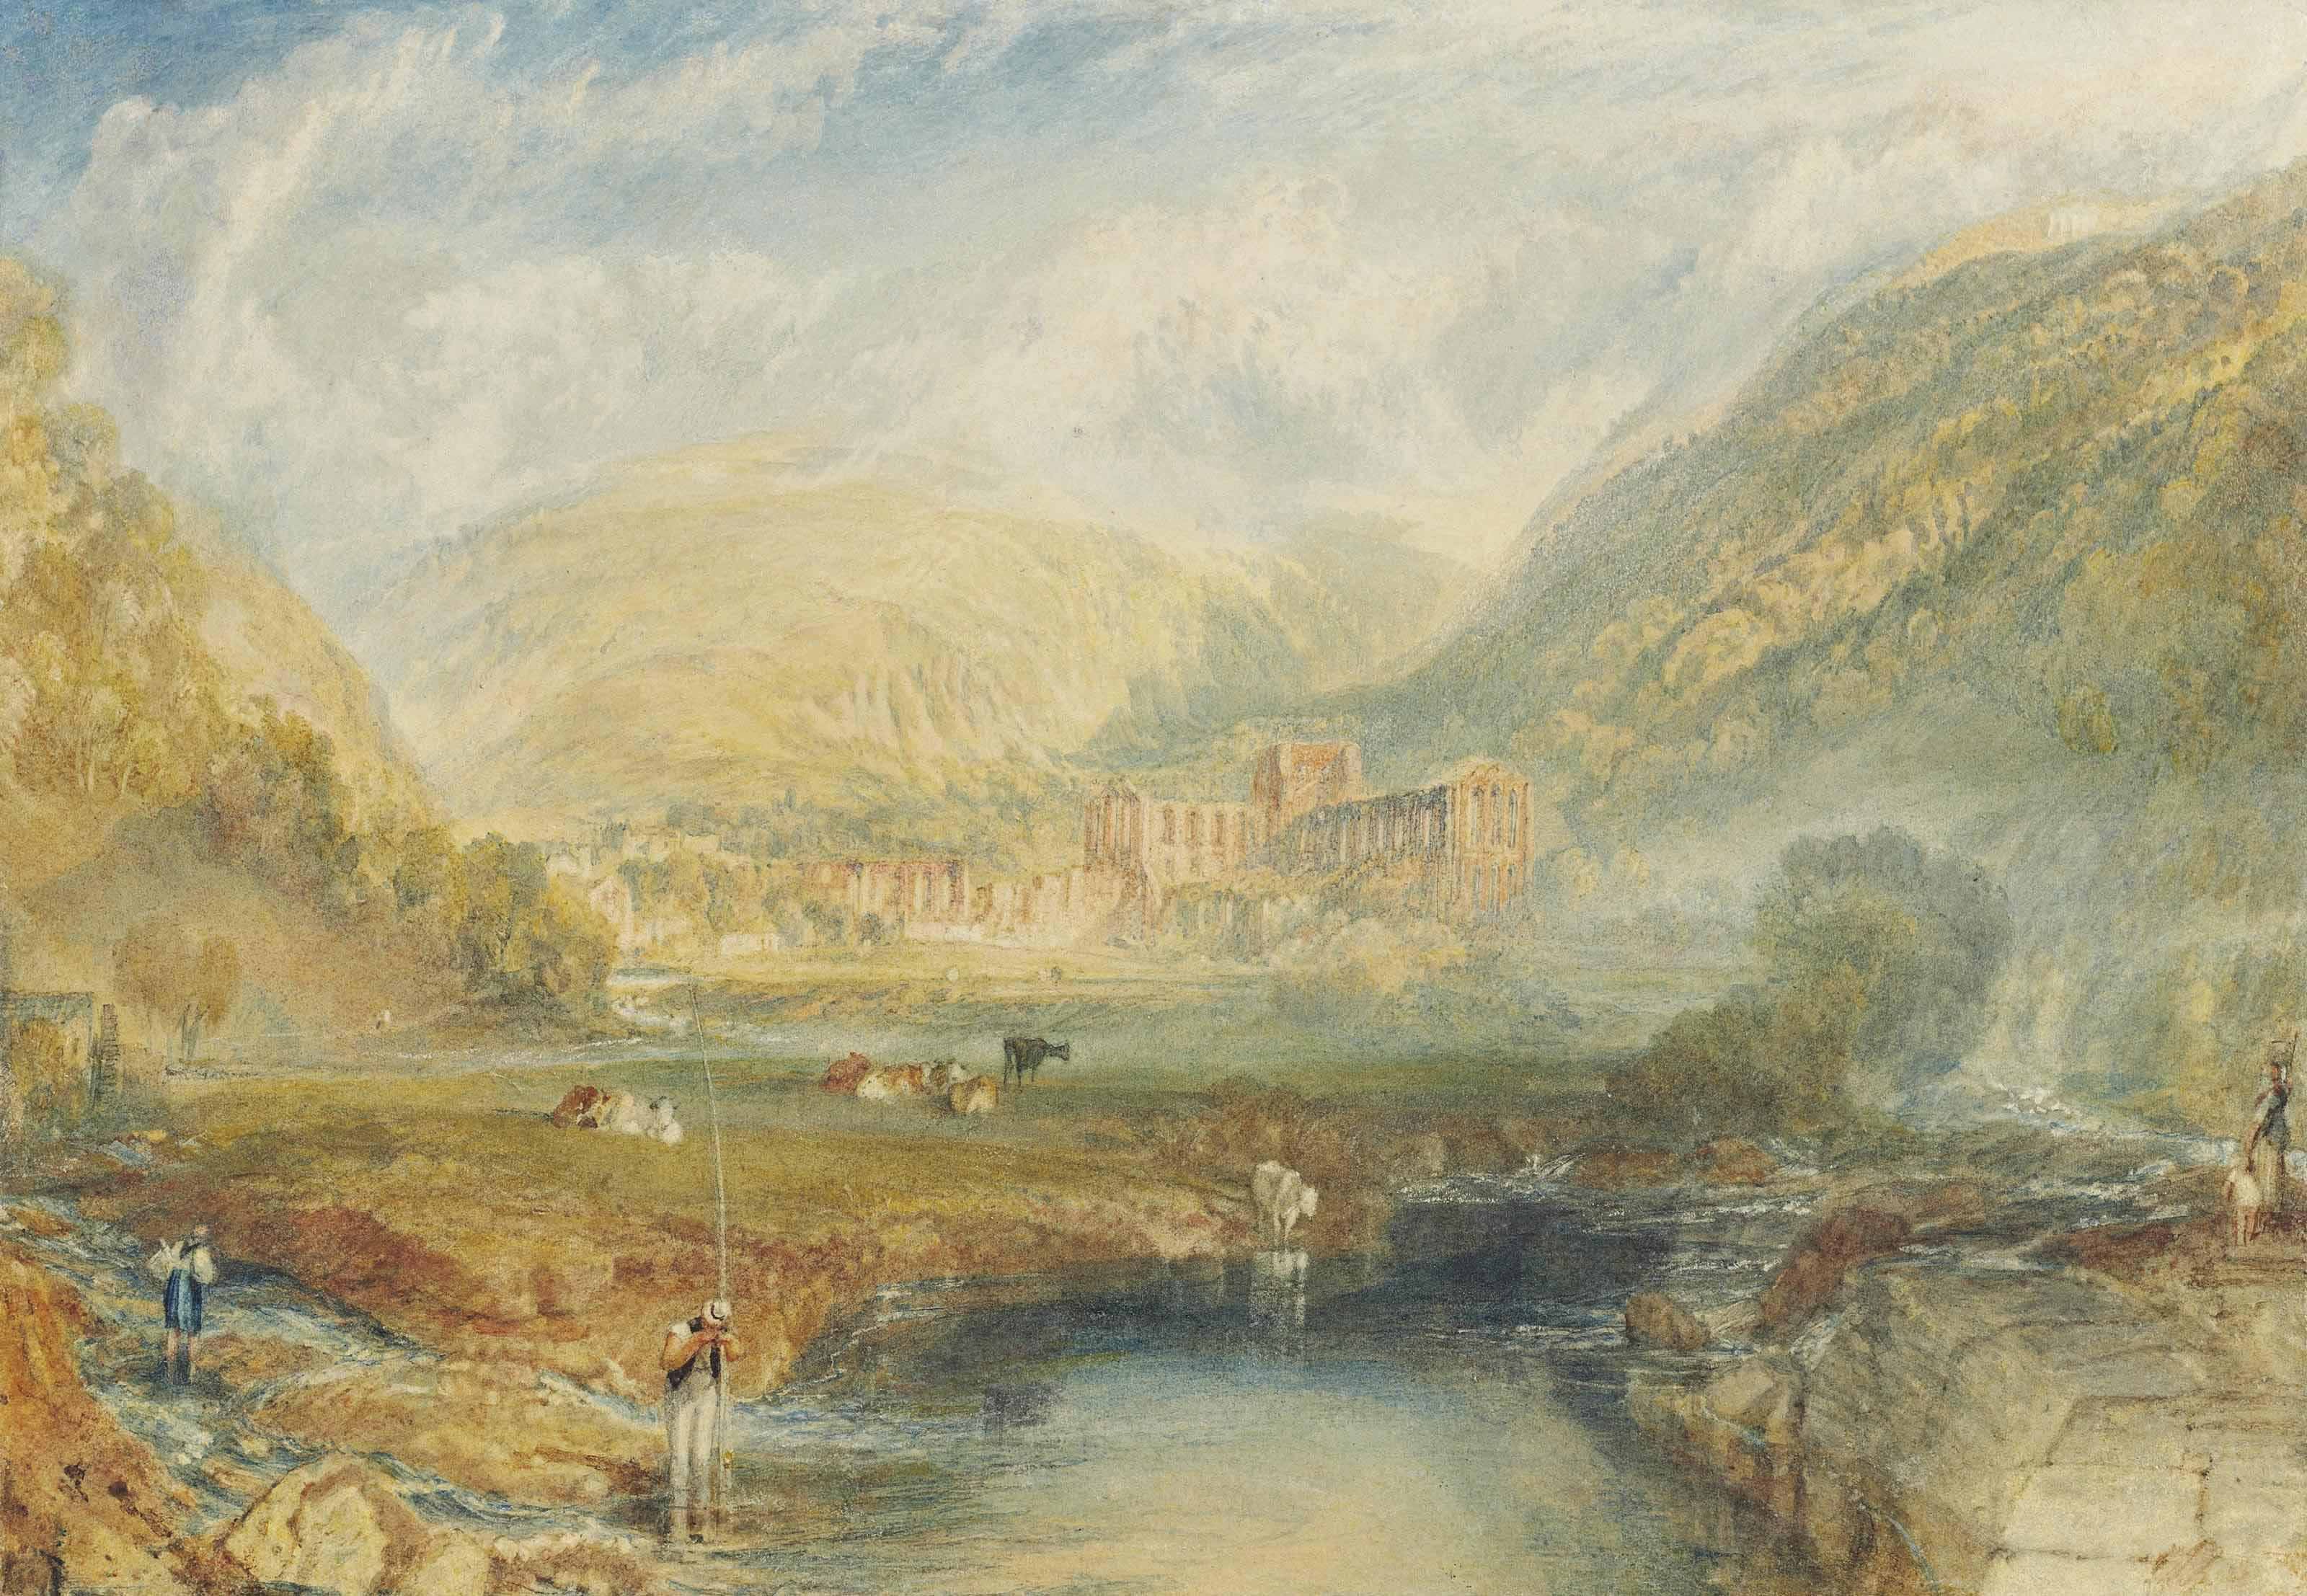 Joseph Mallord William Turner, R.A. (London 1775-1851)